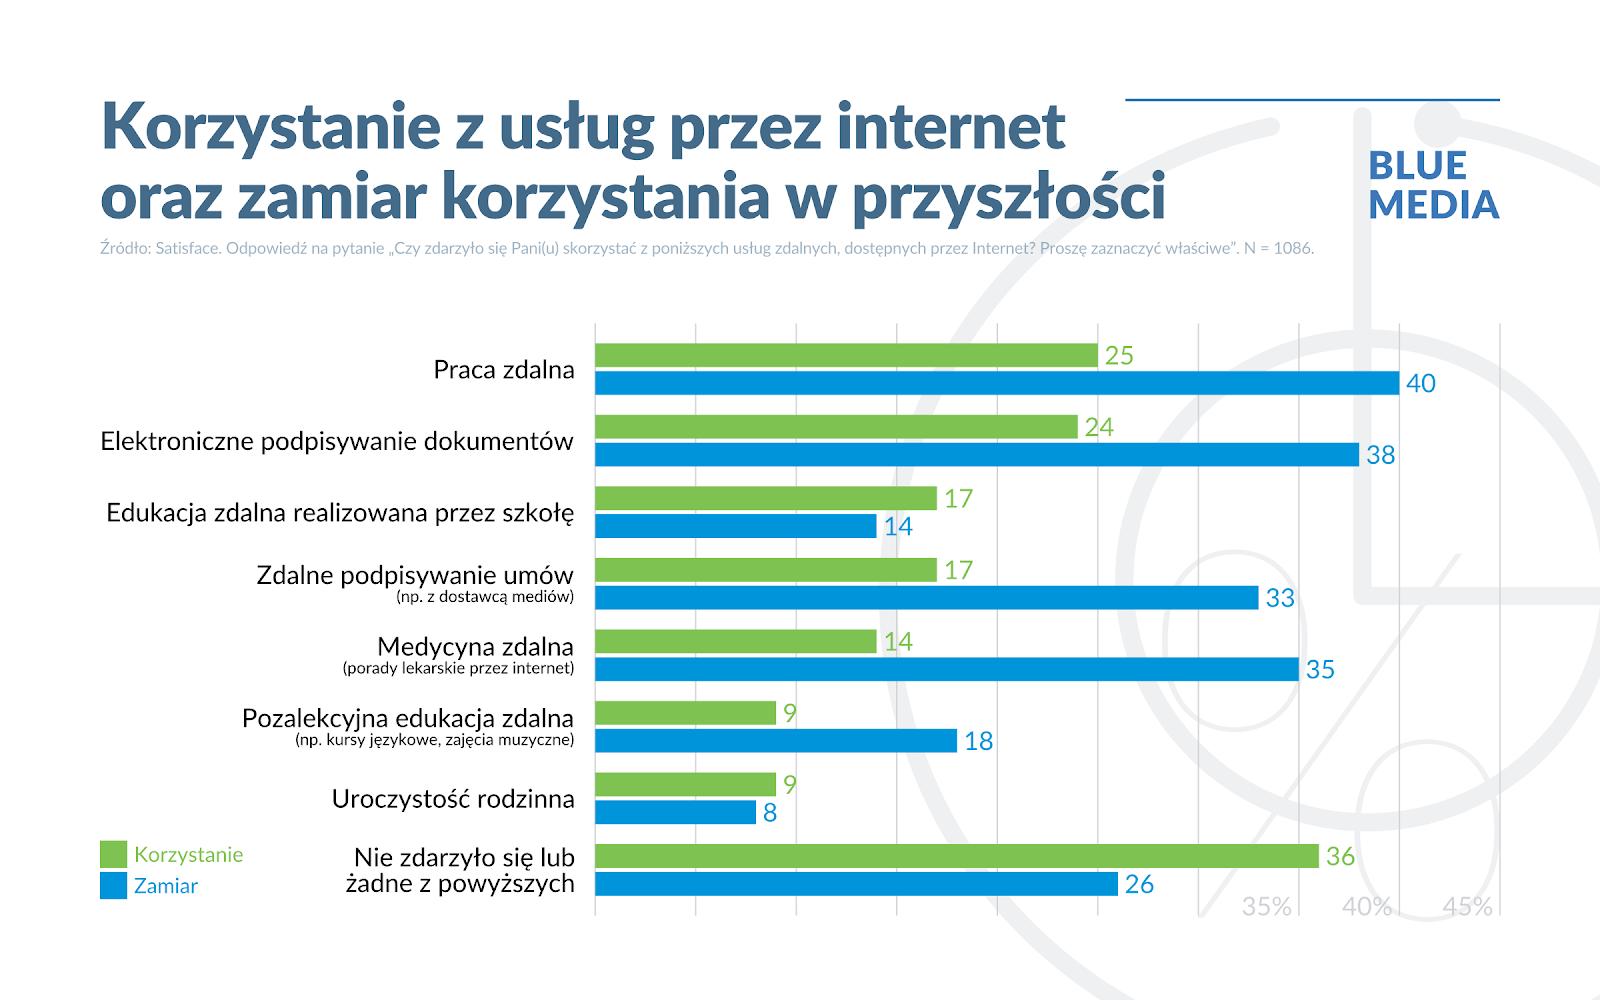 Blue Media - korzystanie z usług online